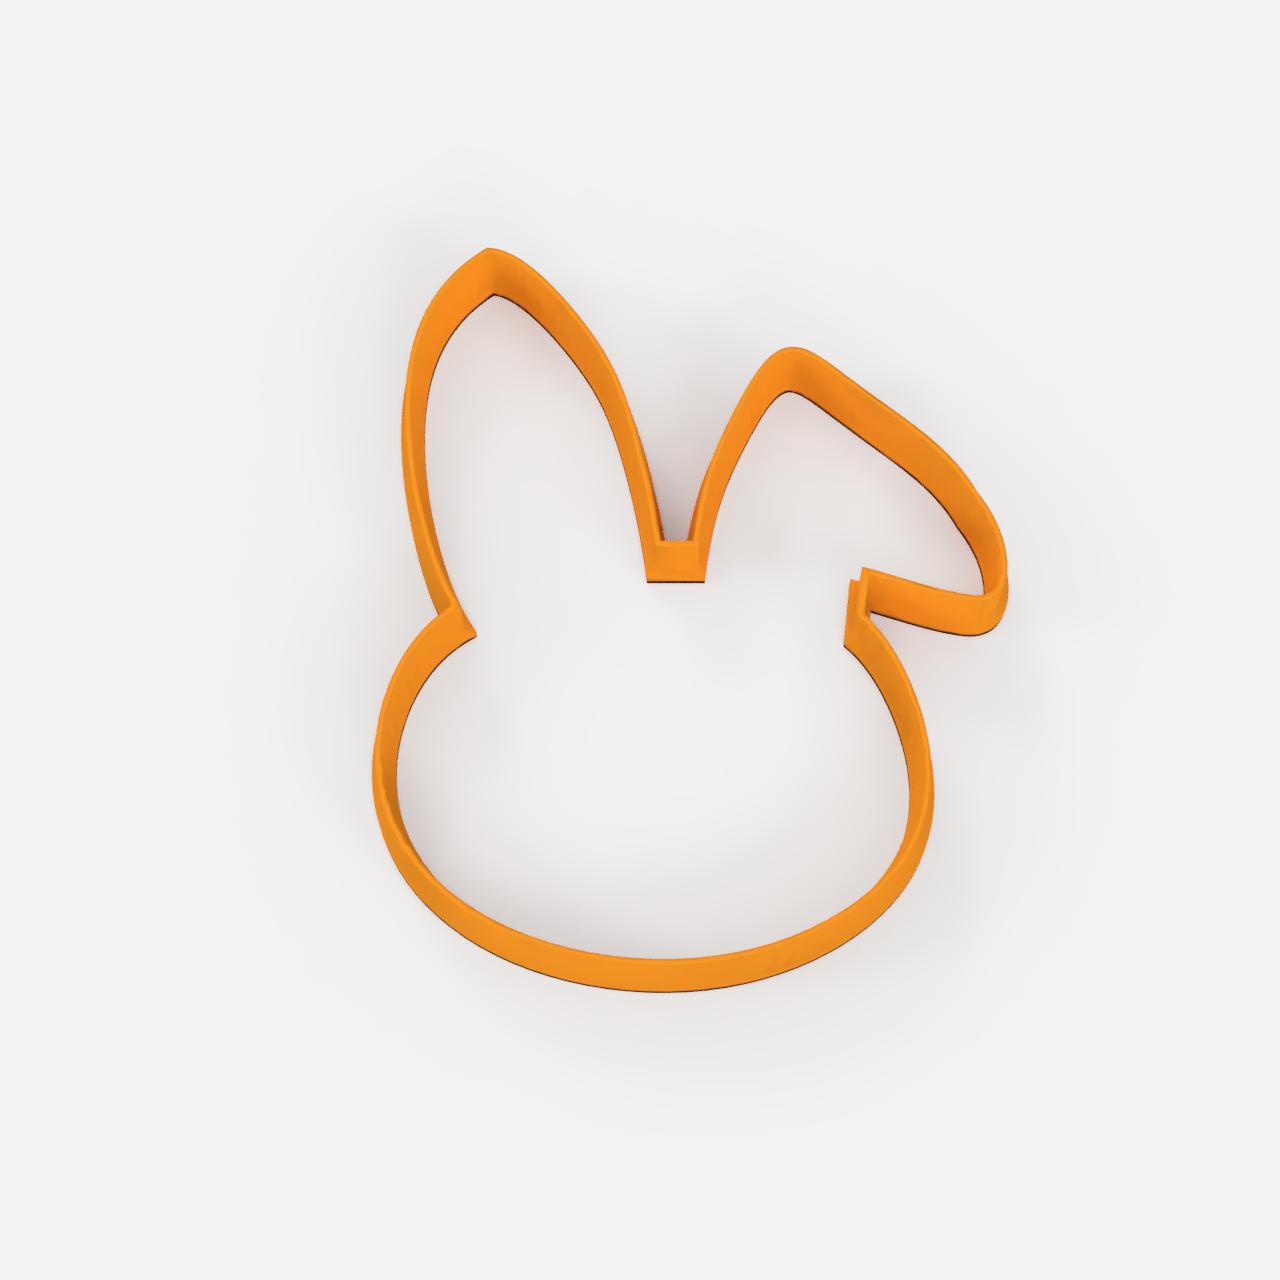 Pascua 2.png Télécharger fichier STL gratuit easter set x5 cookie cutter pack - ensemble de coupe-papiers de Pâques x5 • Design pour impression 3D, Abayarde